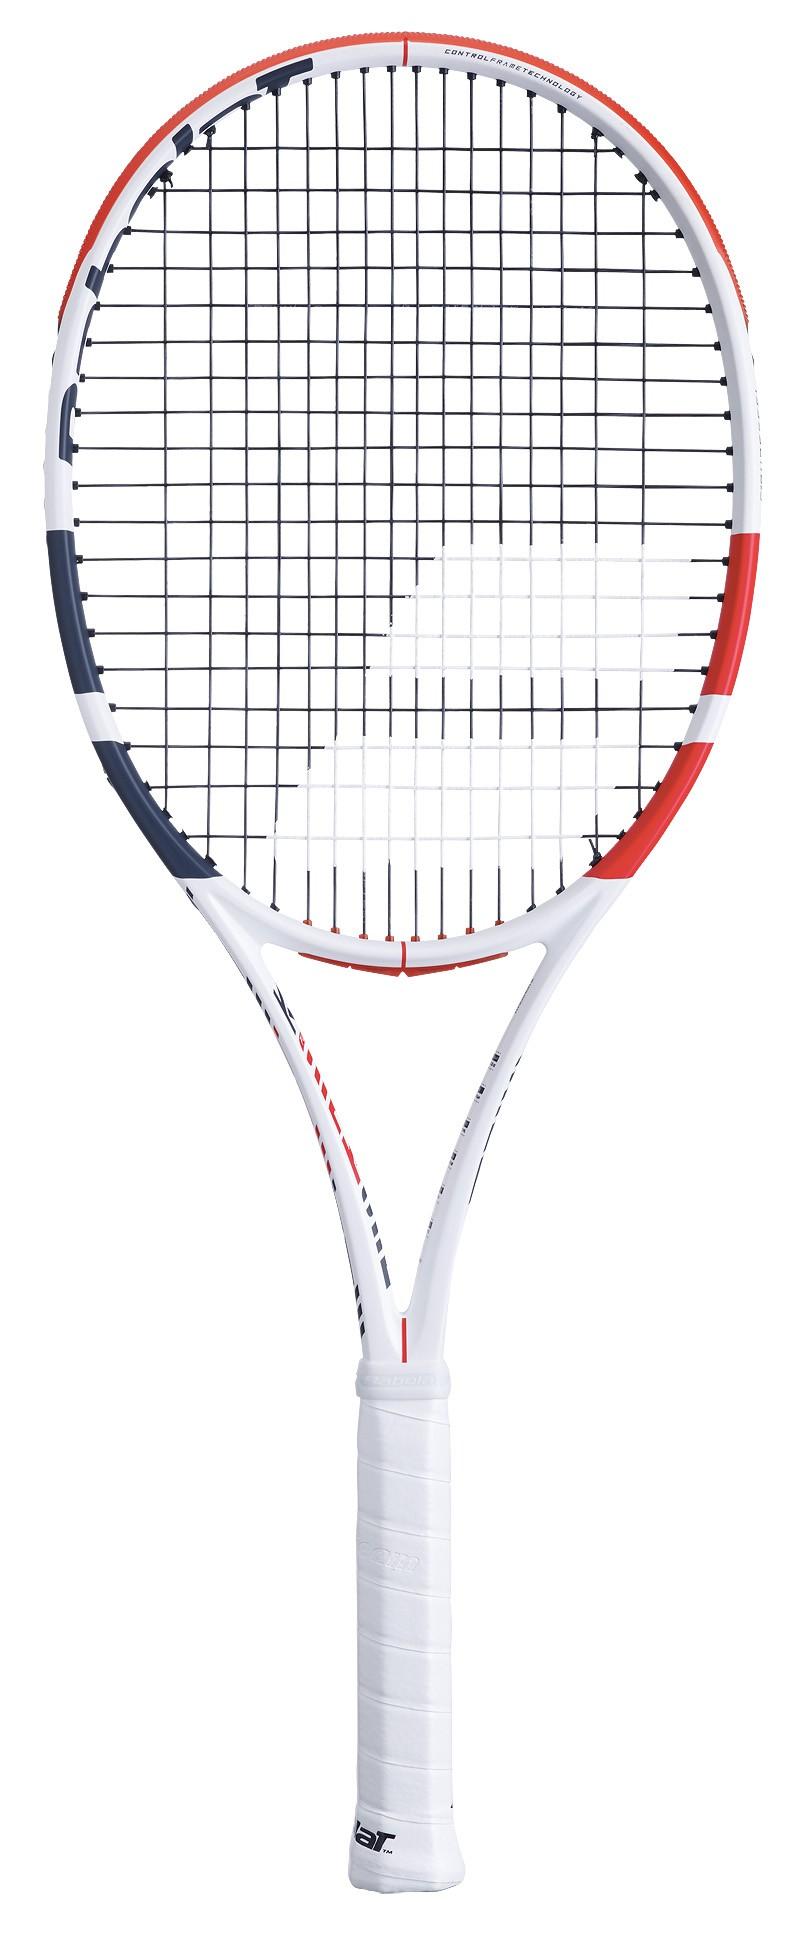 Rakieta tenisowa Babolat Pure Strike 16/19 3.gen